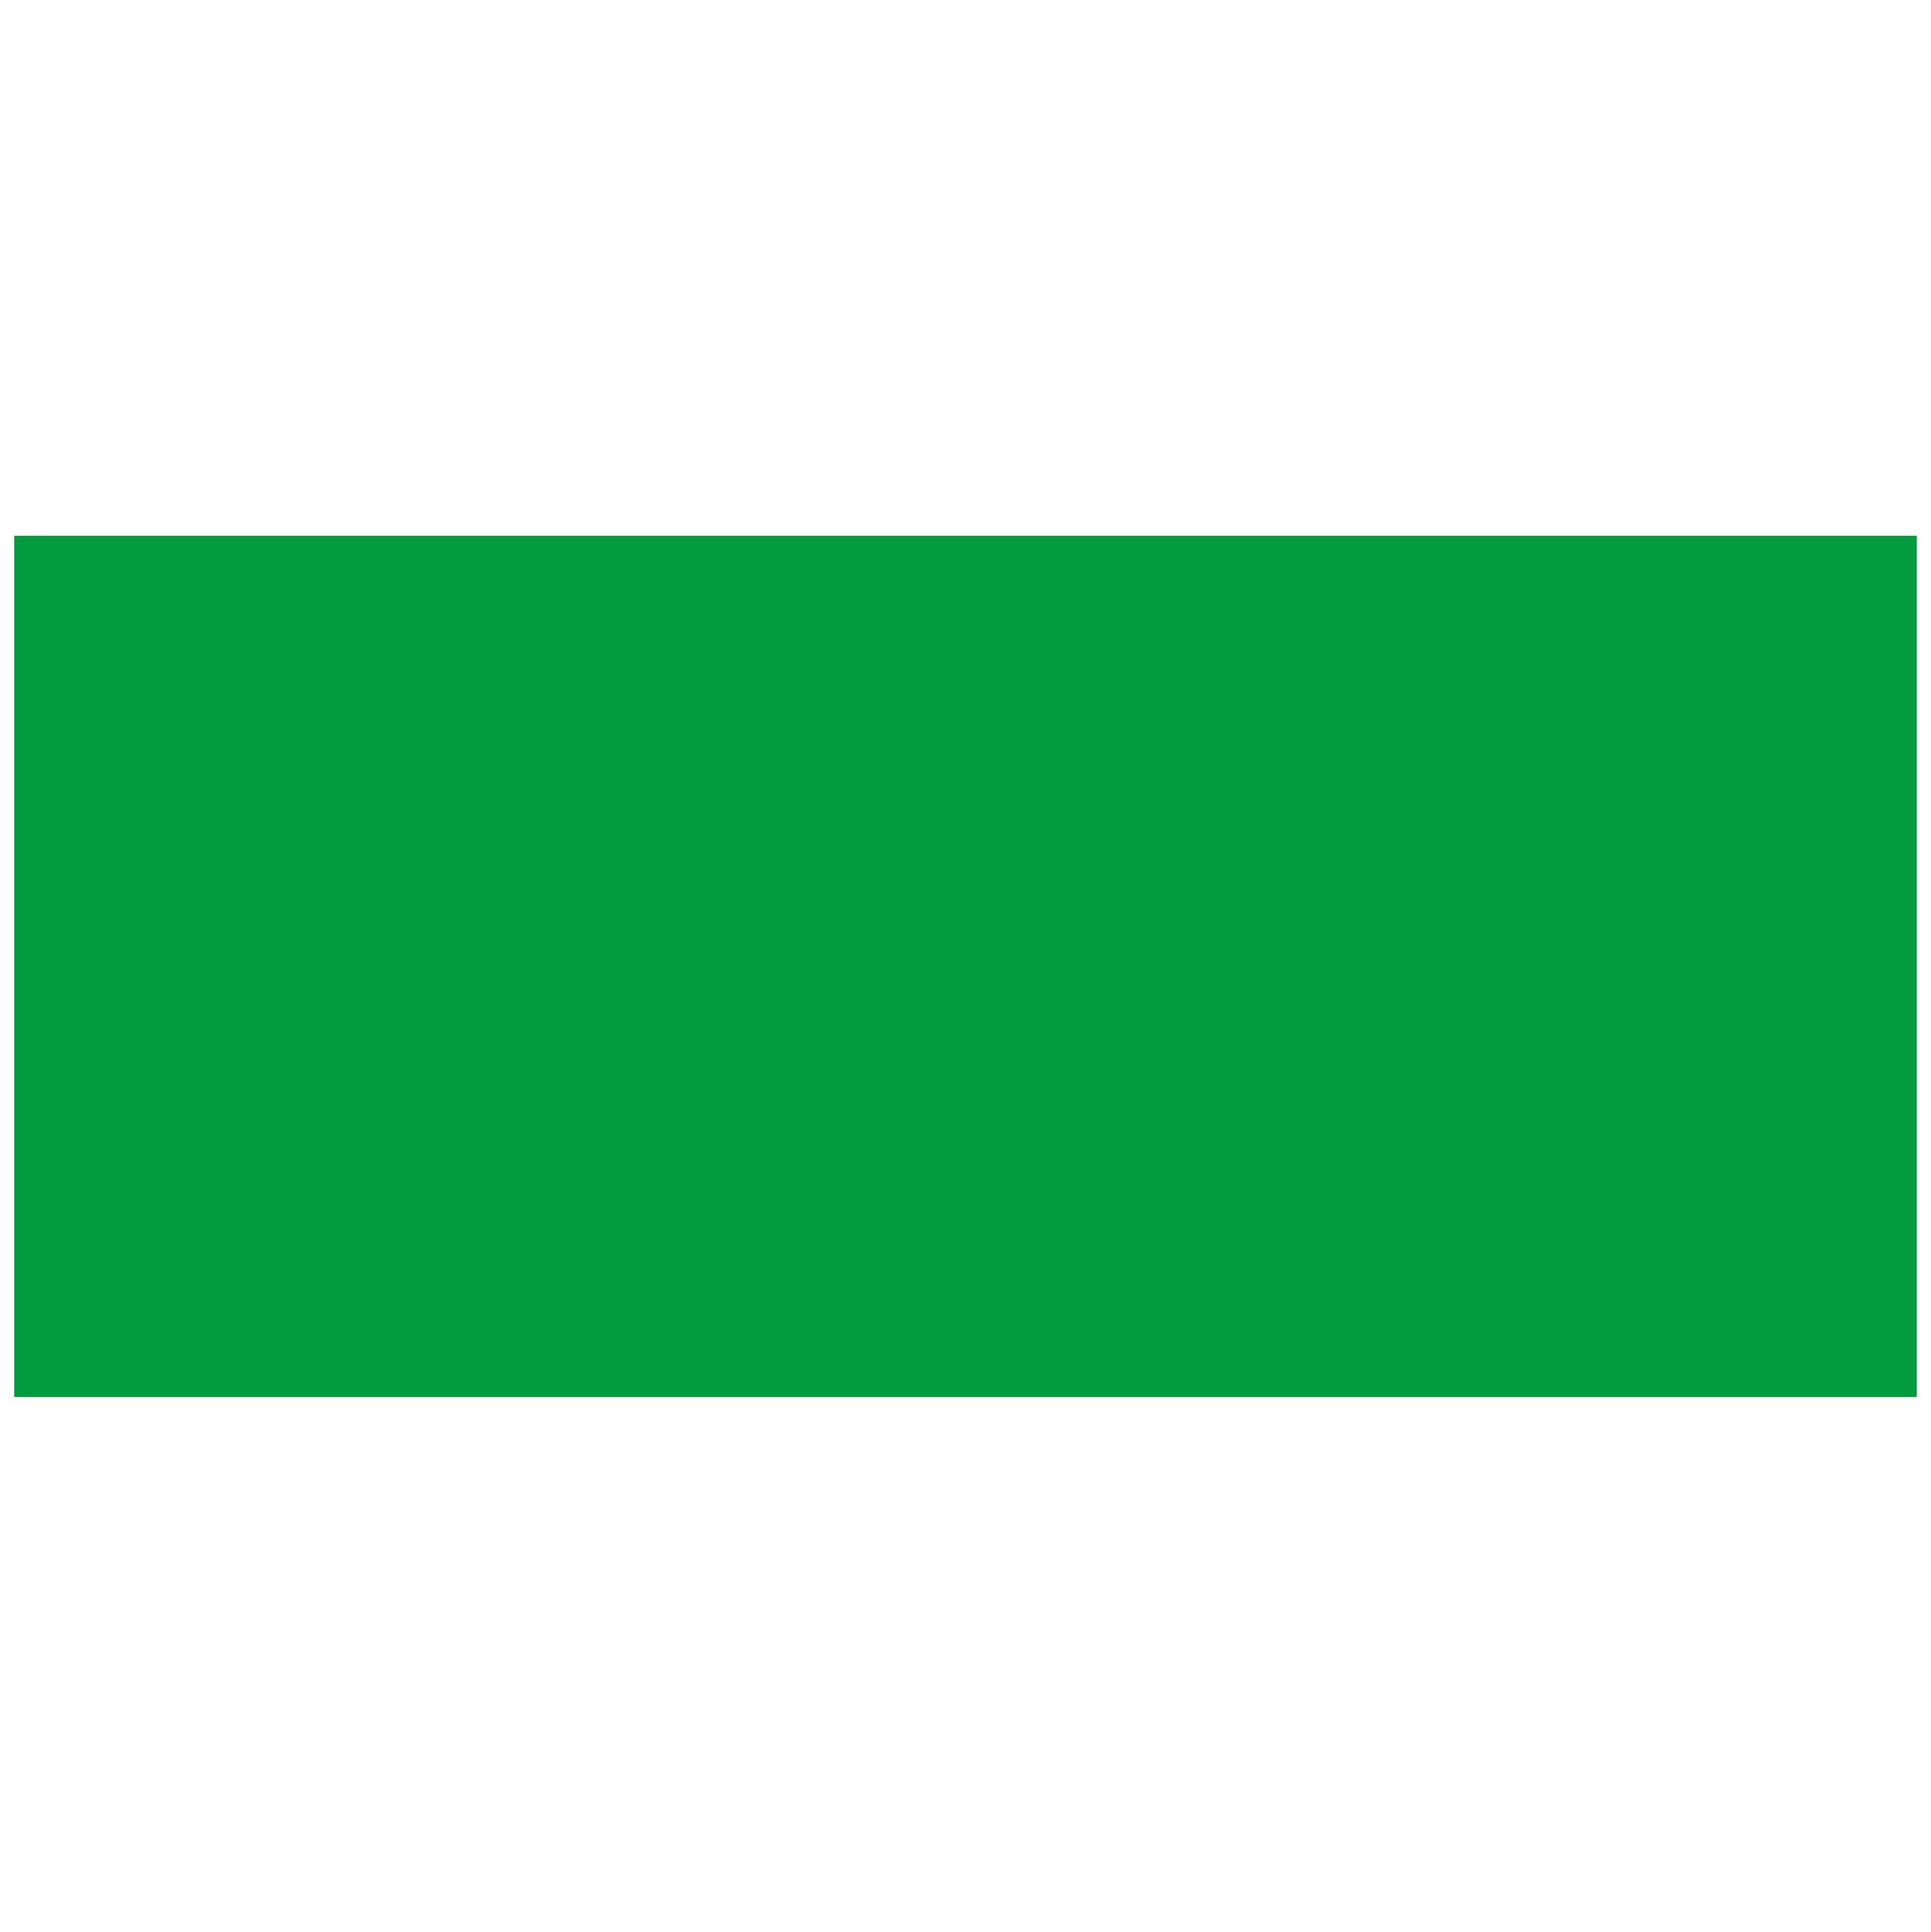 DC_37 logo